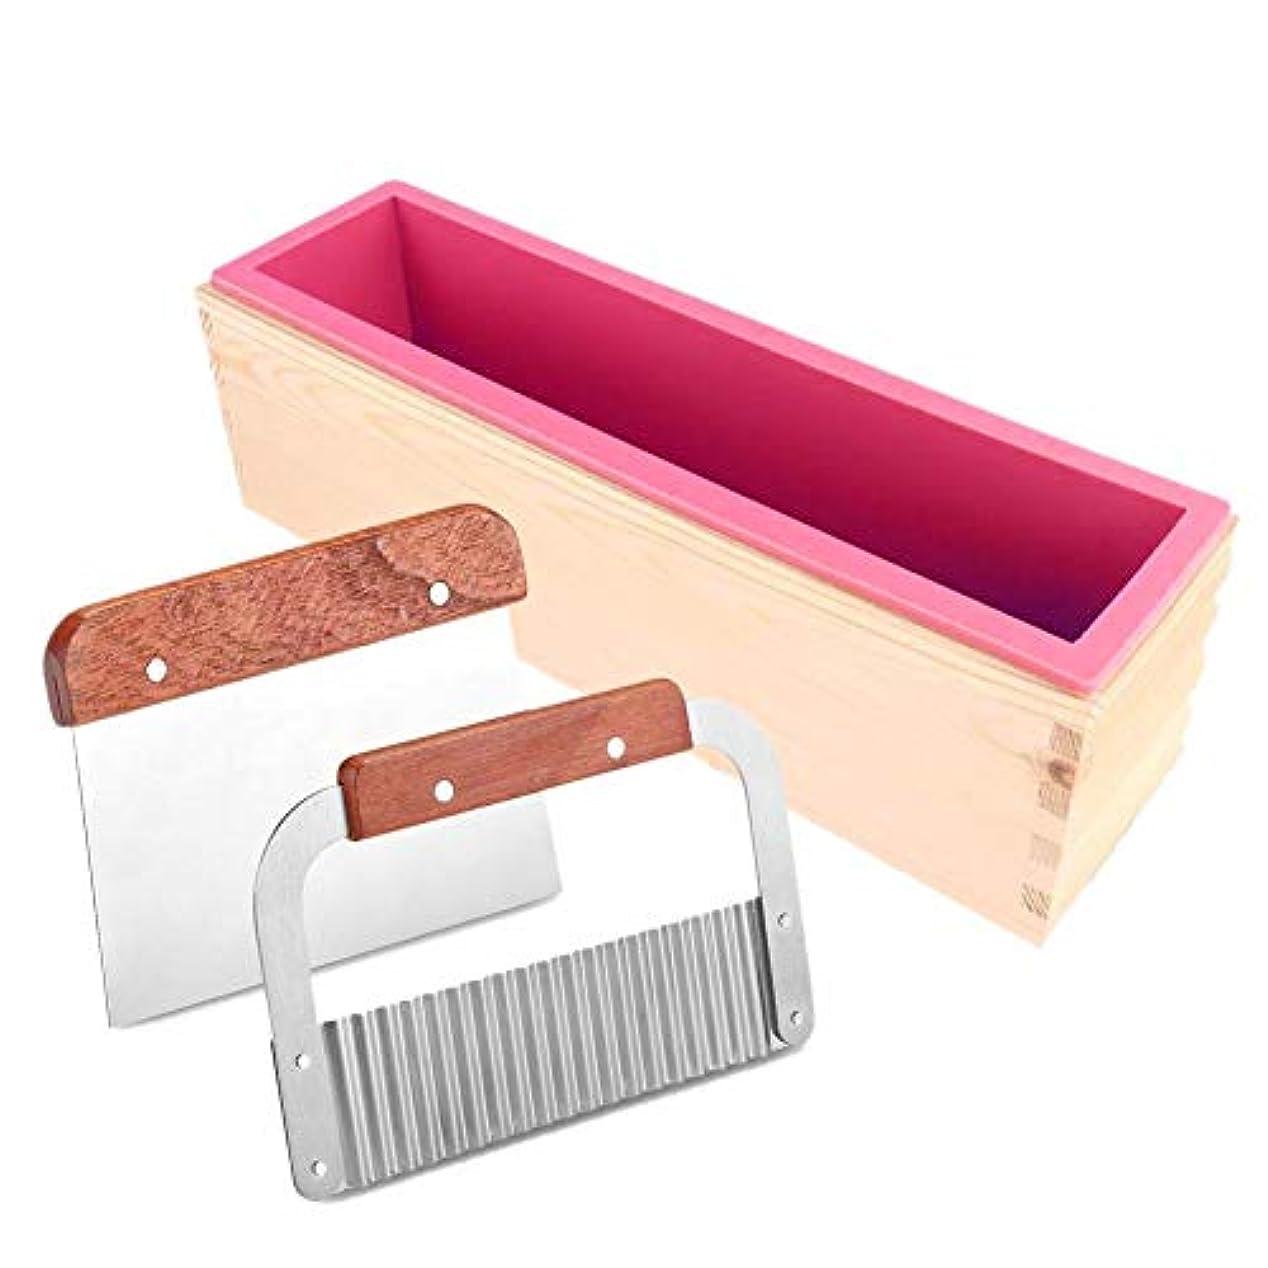 赤面眉をひそめる無意識Ragemのシリコーンの石鹸型 - 自家製の石鹸の作成のための2Pcsカッターの皮むき器が付いている長方形の木箱の石鹸の作成型